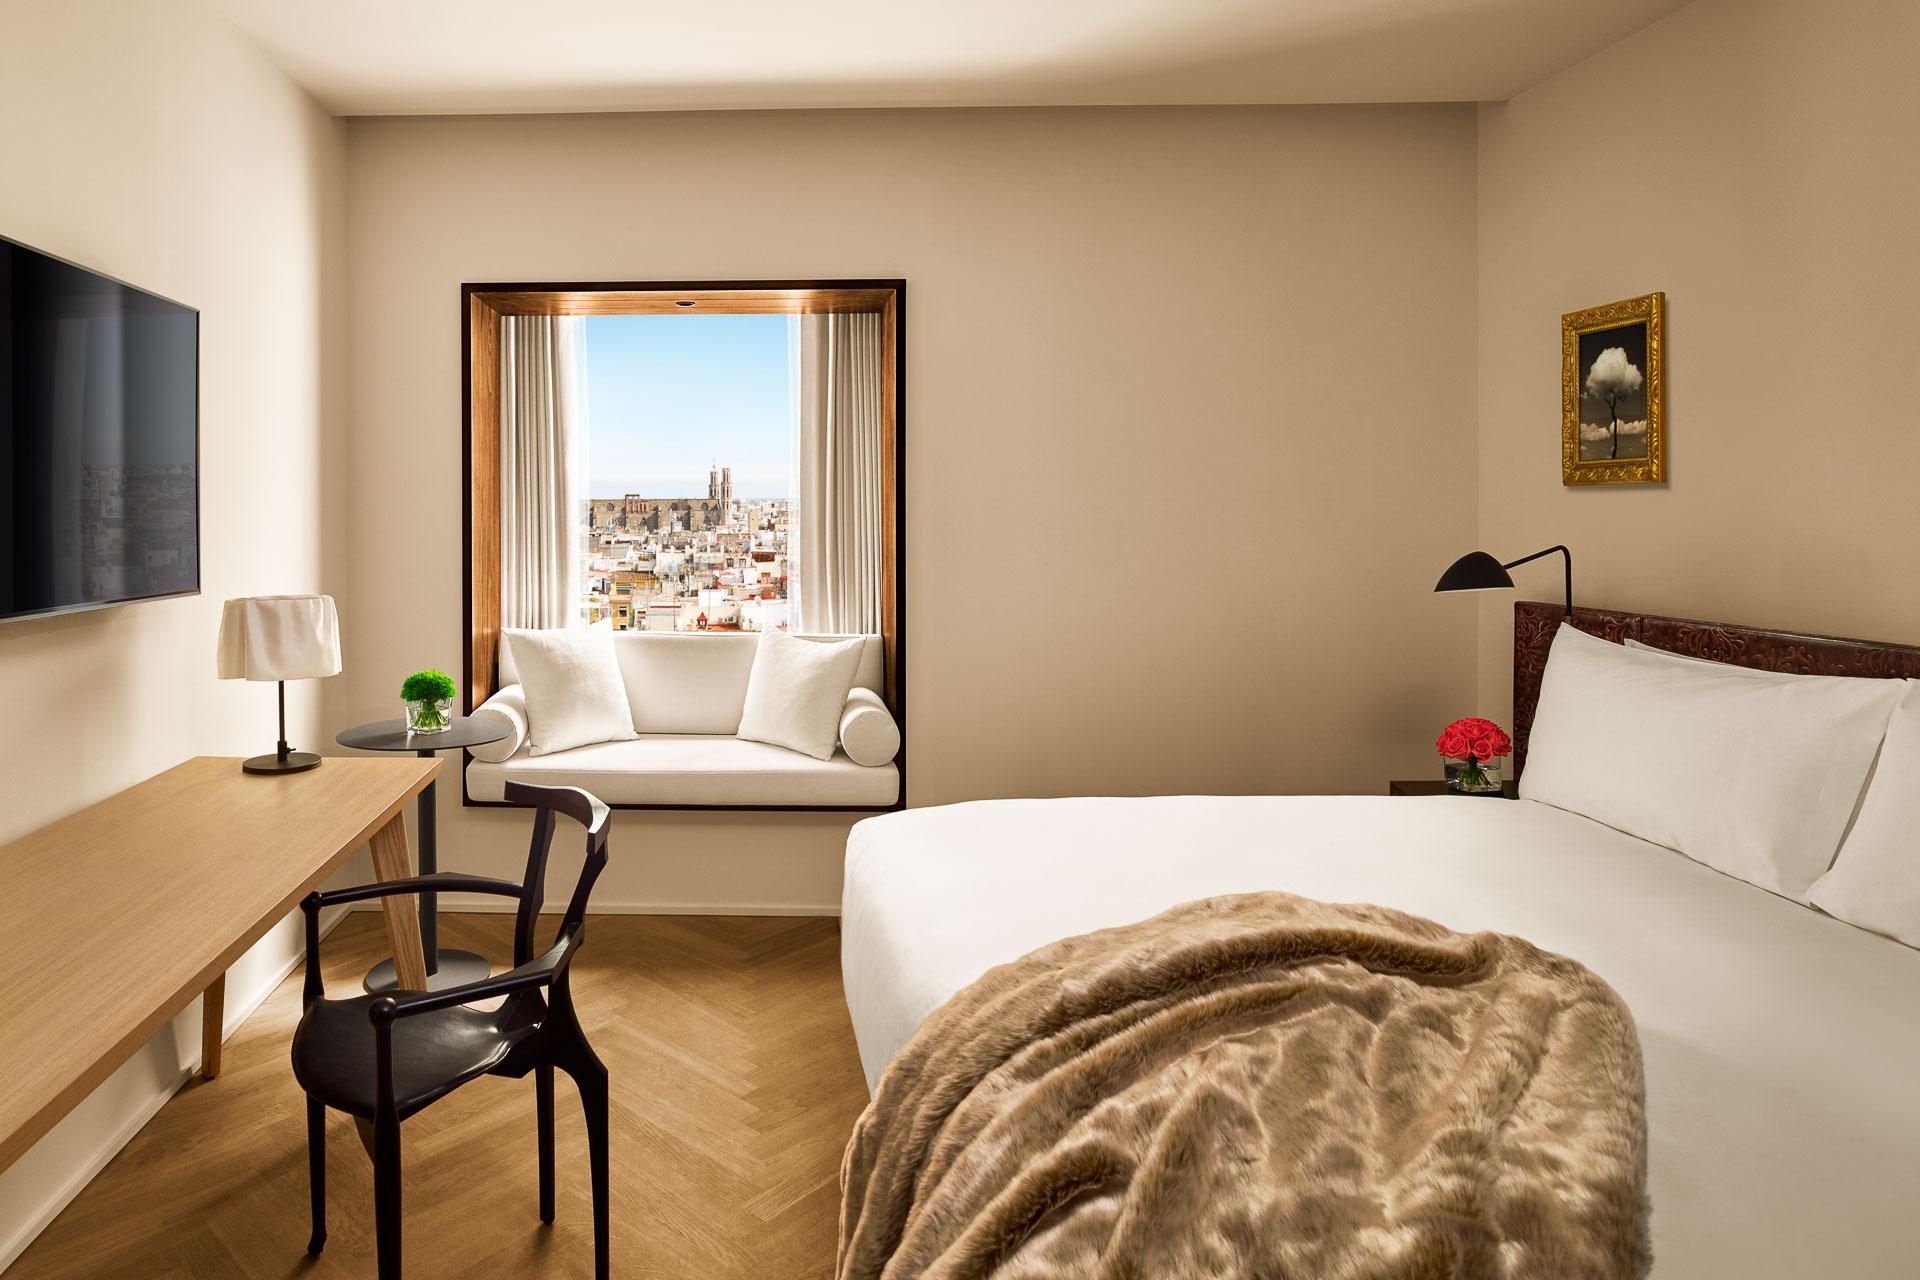 Conjointement développée par le groupe Marriott et l'inventeur du boutique-hôtel Ian Schrager, l'enseigne The EDITION ouvre son troisième établissement européen en plein cœur de Barcelone. Visite d'une nouvelle adresse sophistiquée, intime et branchée.